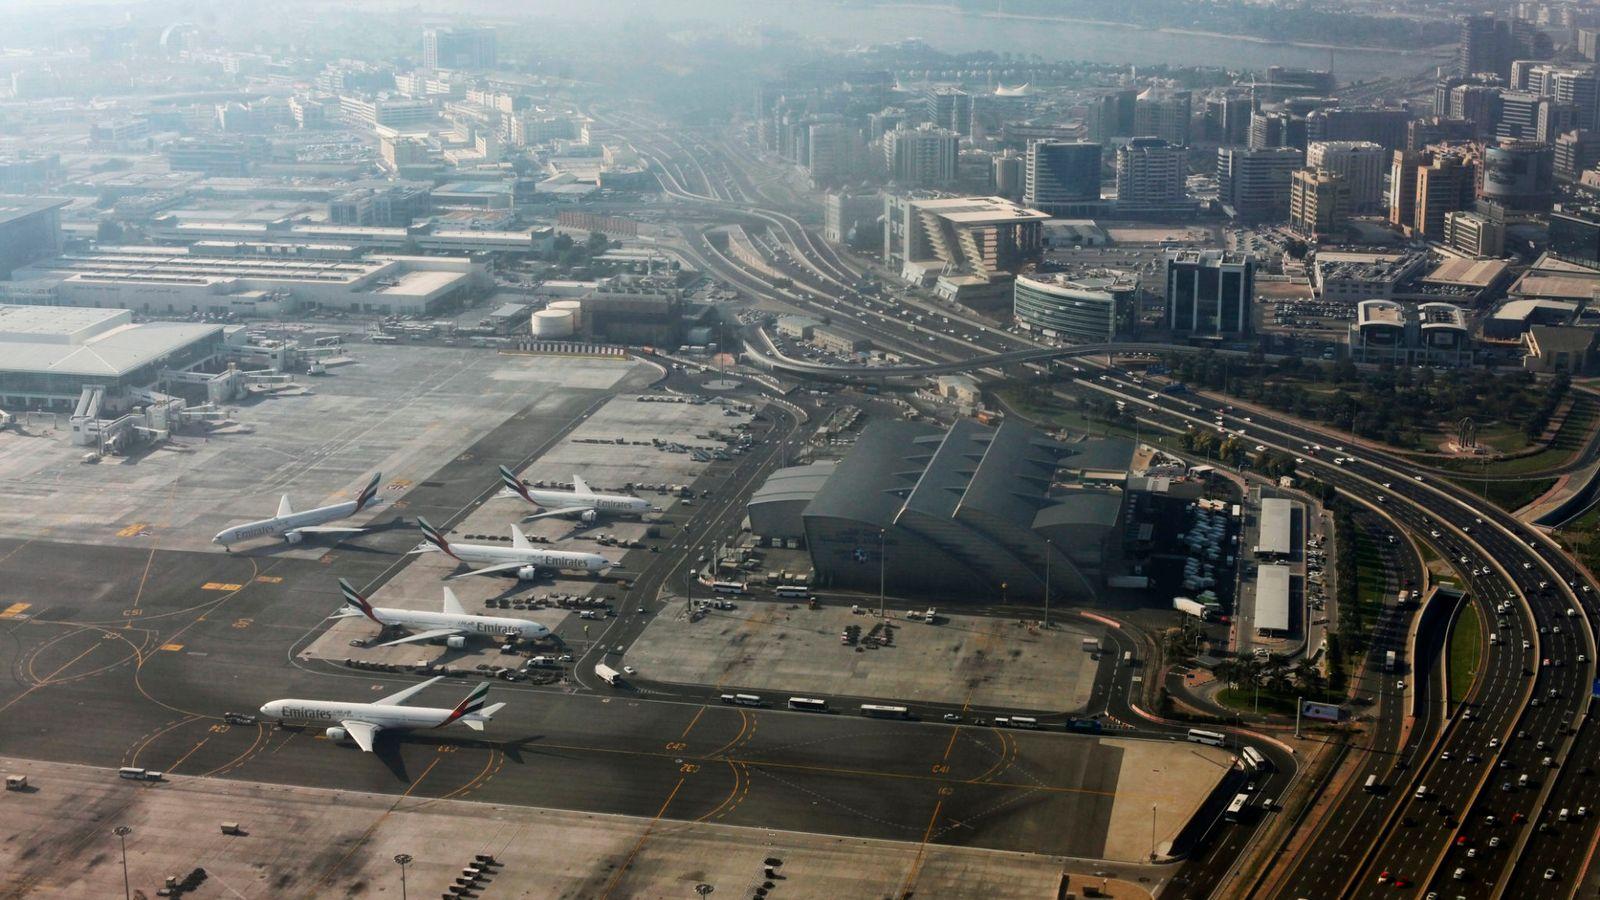 以迪拜为全球航空货运的轴心